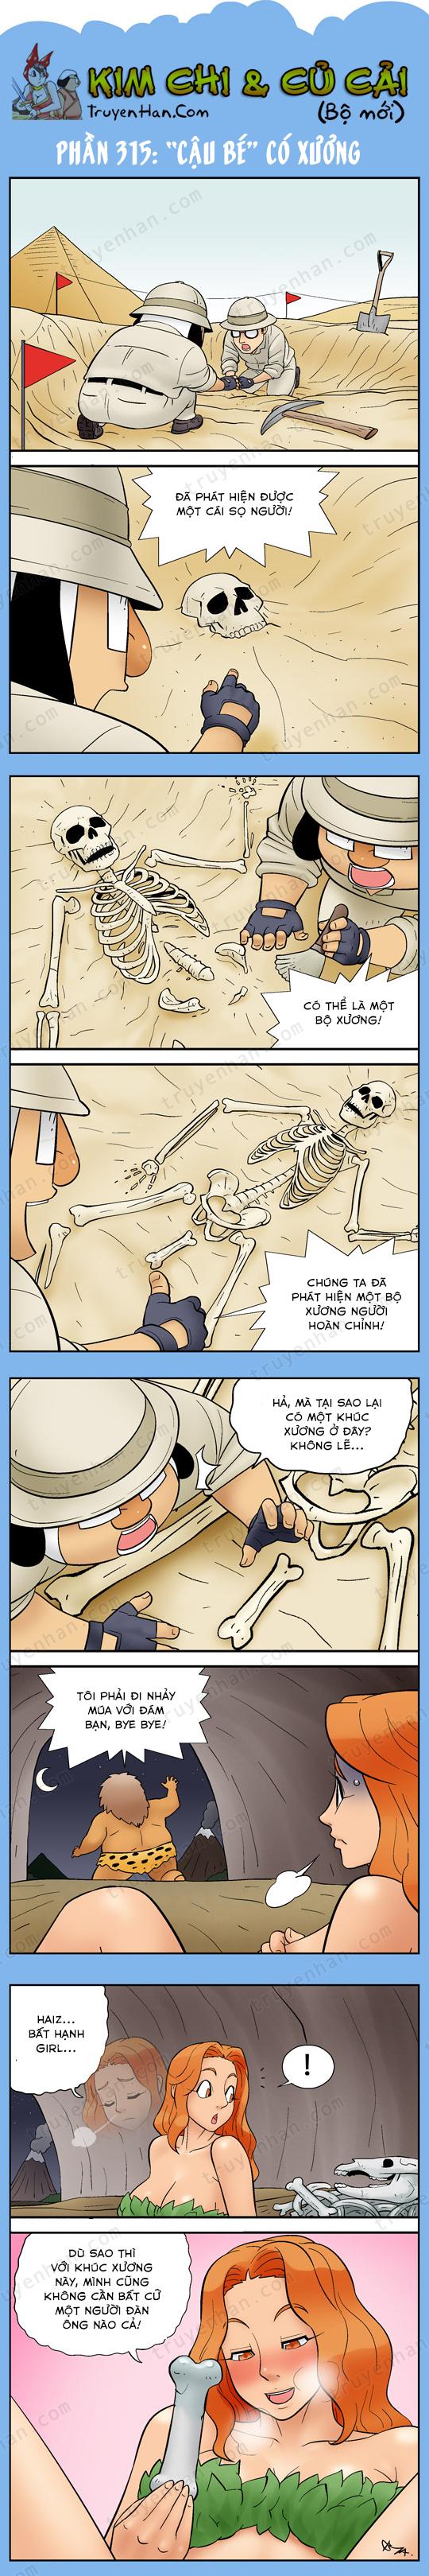 """Kim Chi Và Củ Cải phần 315: """"Cậu bé"""" có xương"""